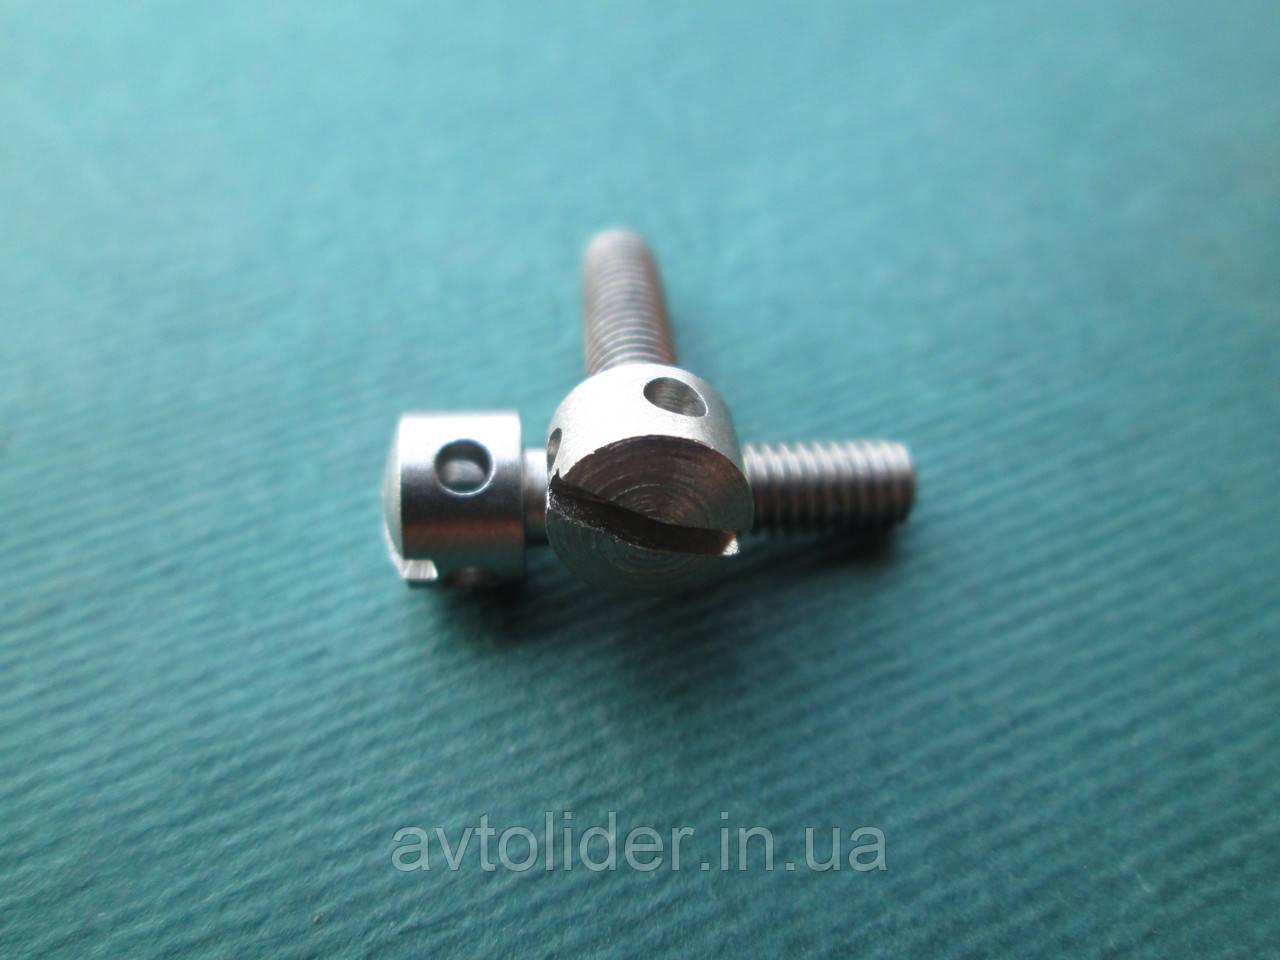 DIN 404 : нержавеющий винт пломбировочный с цилиндрической головкой и двумя радиальными отверстиями